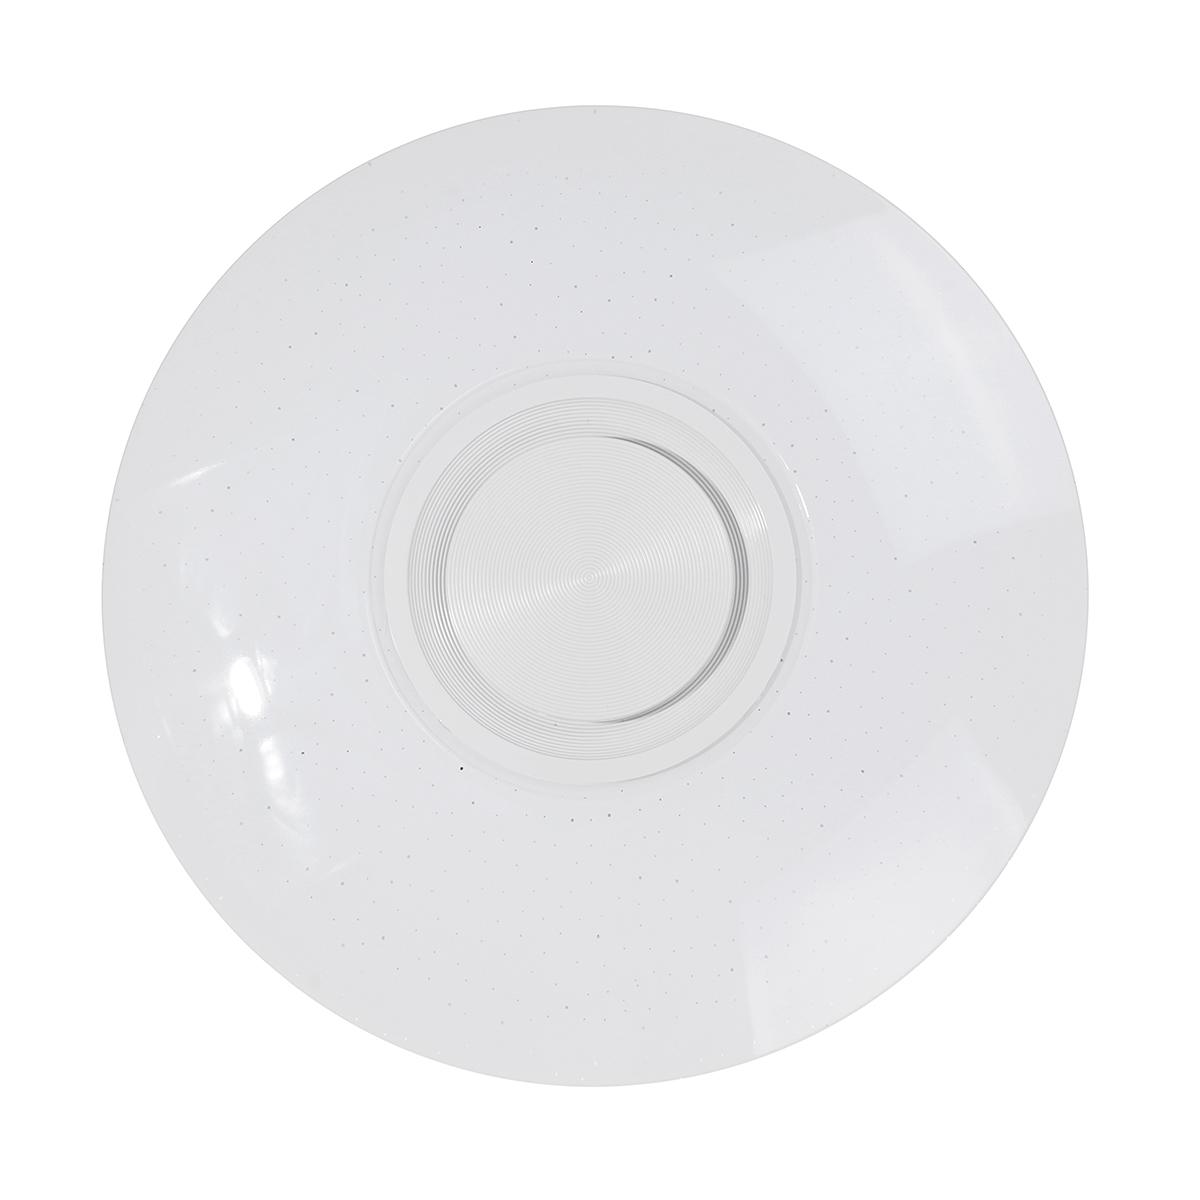 60W RGB Plafonnier musique bluetooth avec télécommande